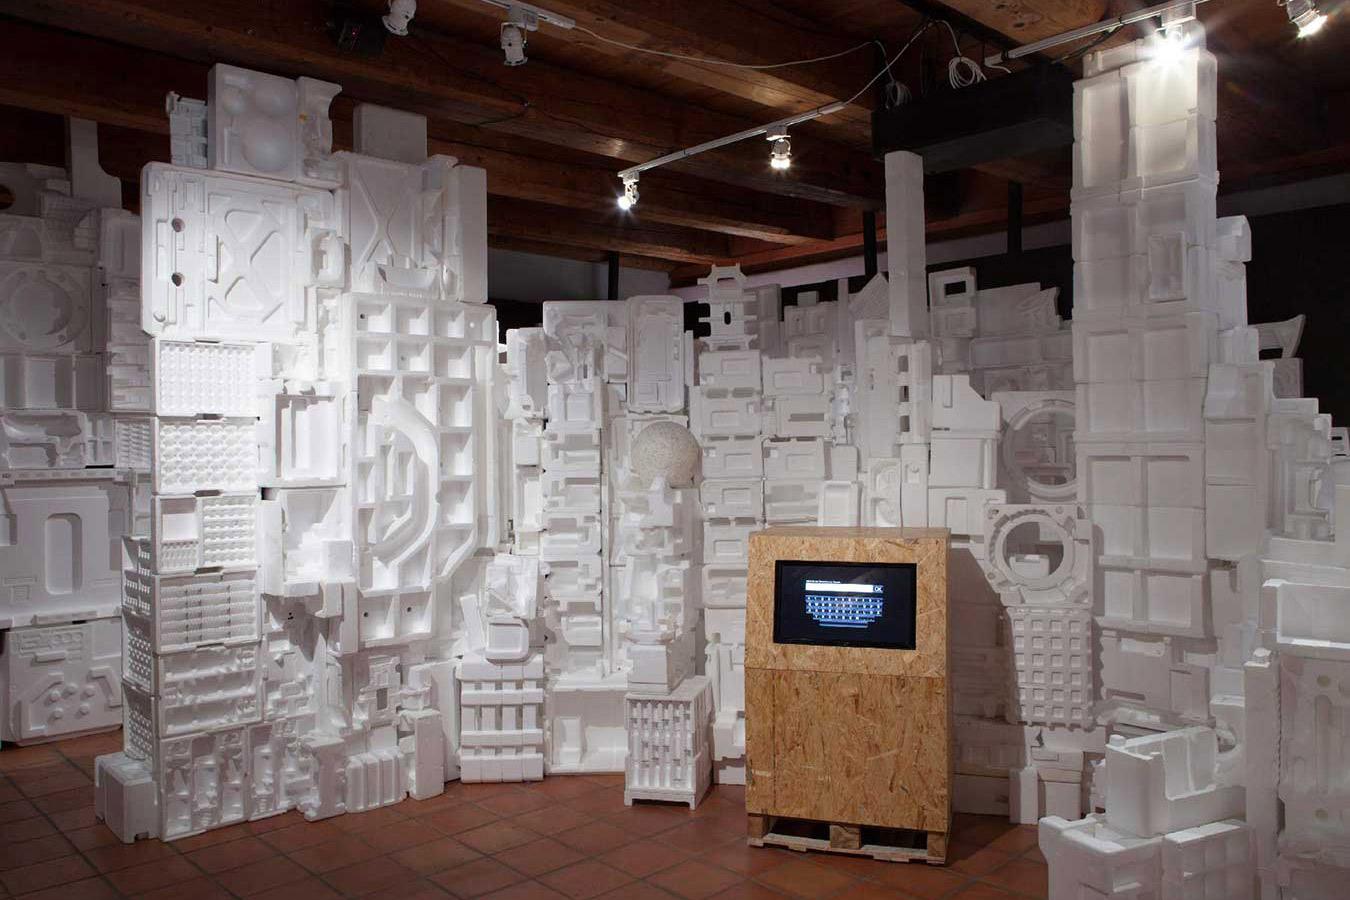 Historisches Museum Ausstellung Szenografie Sagenmaschine